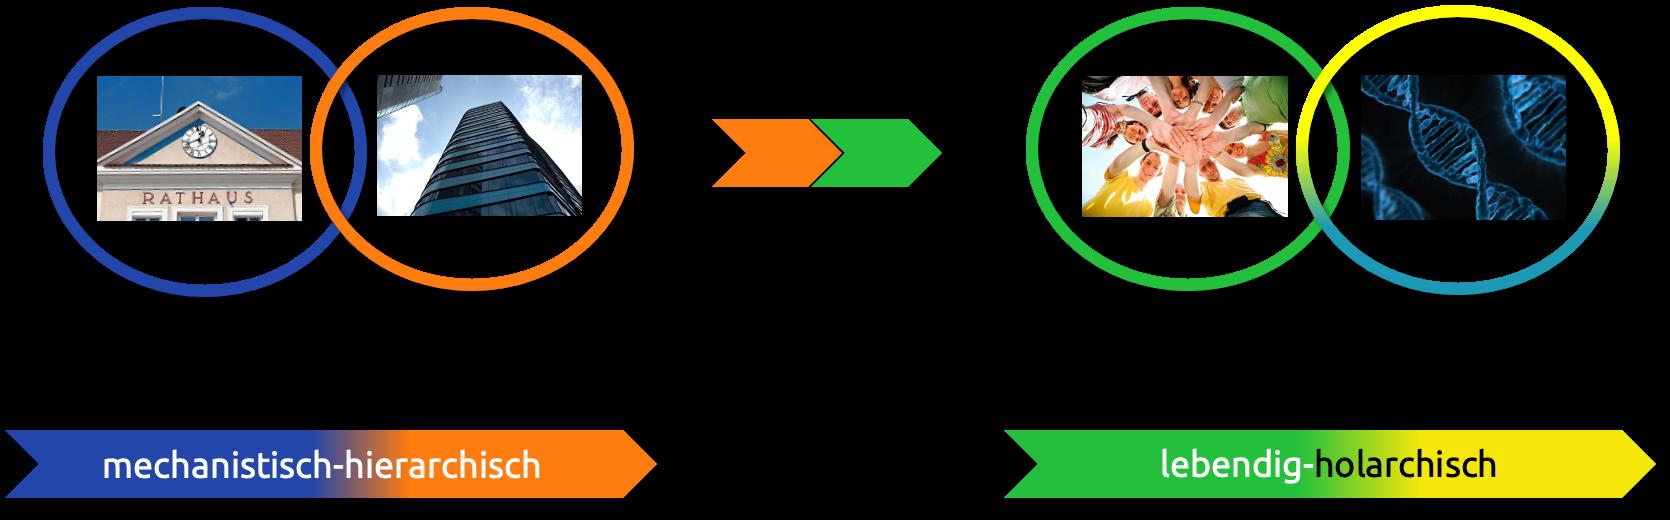 Paradigmenwechsel hin zu organisationaler Selbstlernkompetenz nach dem INU-Modell für Integral-Nachhaltige Unternehmensentwicklung